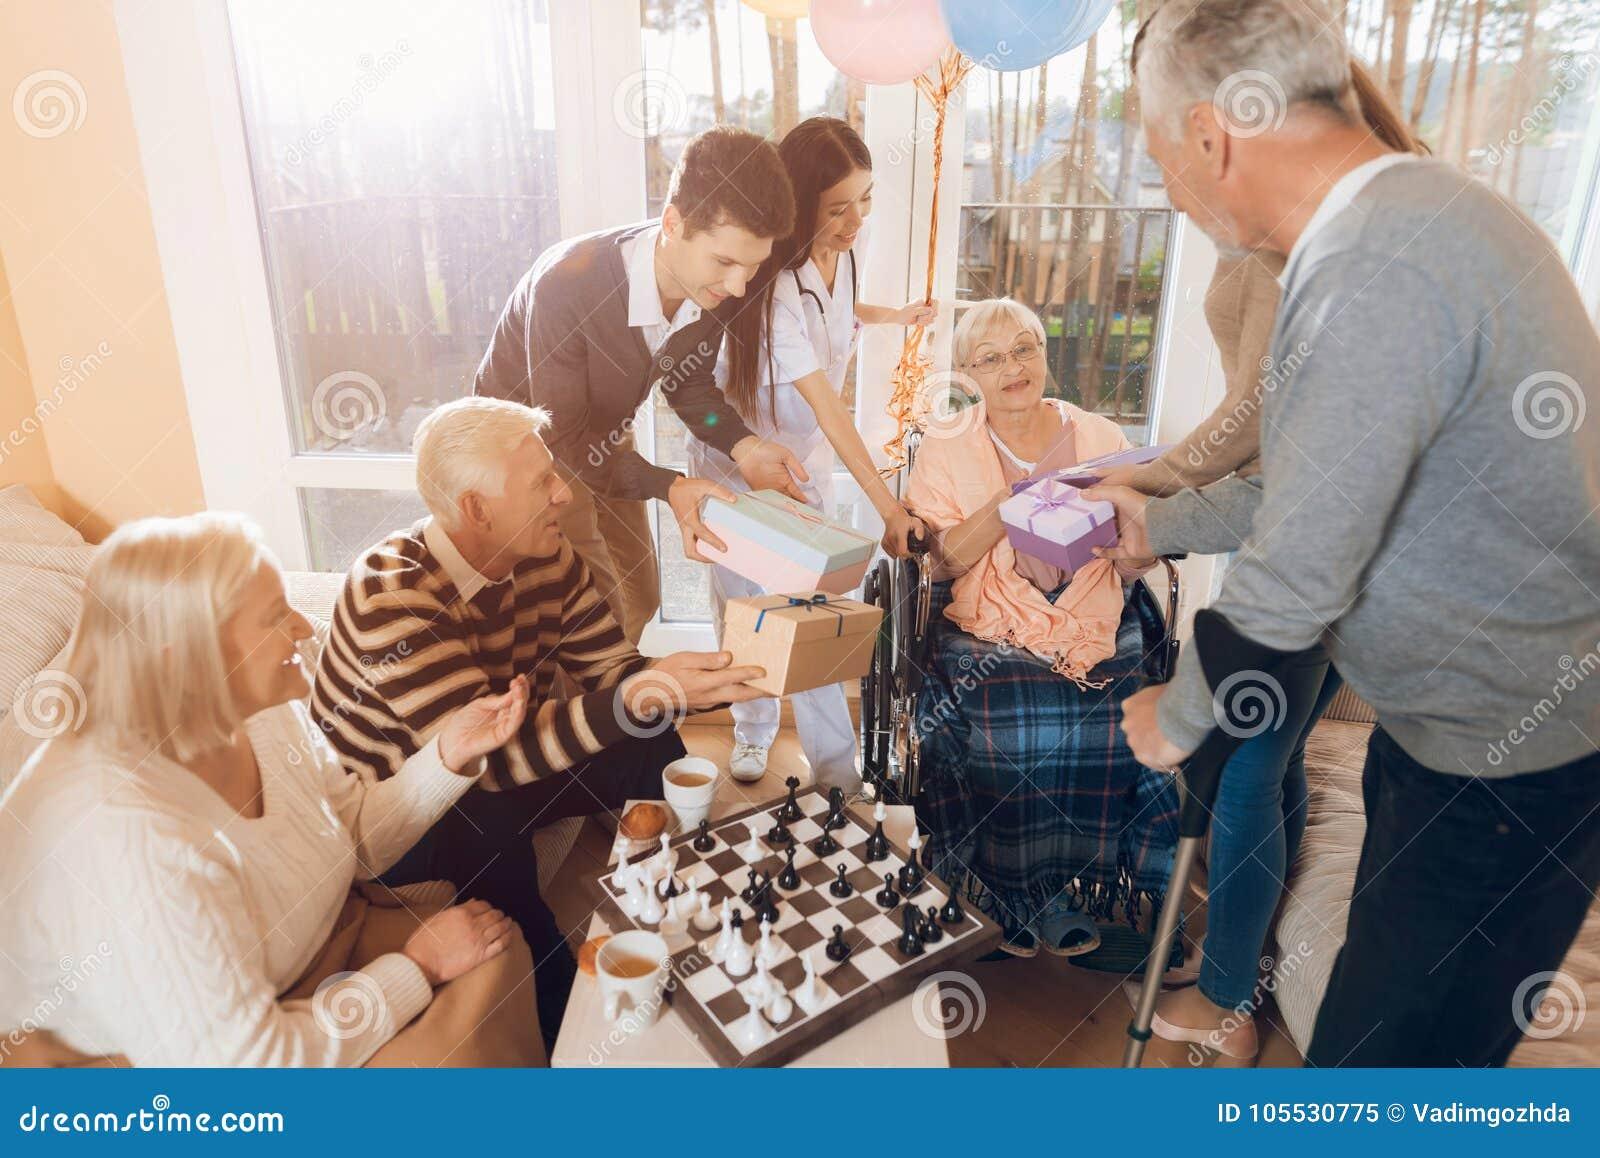 Un gruppo di giovani ed anziani in una casa di cura si congratula una donna anziana sul suo compleanno